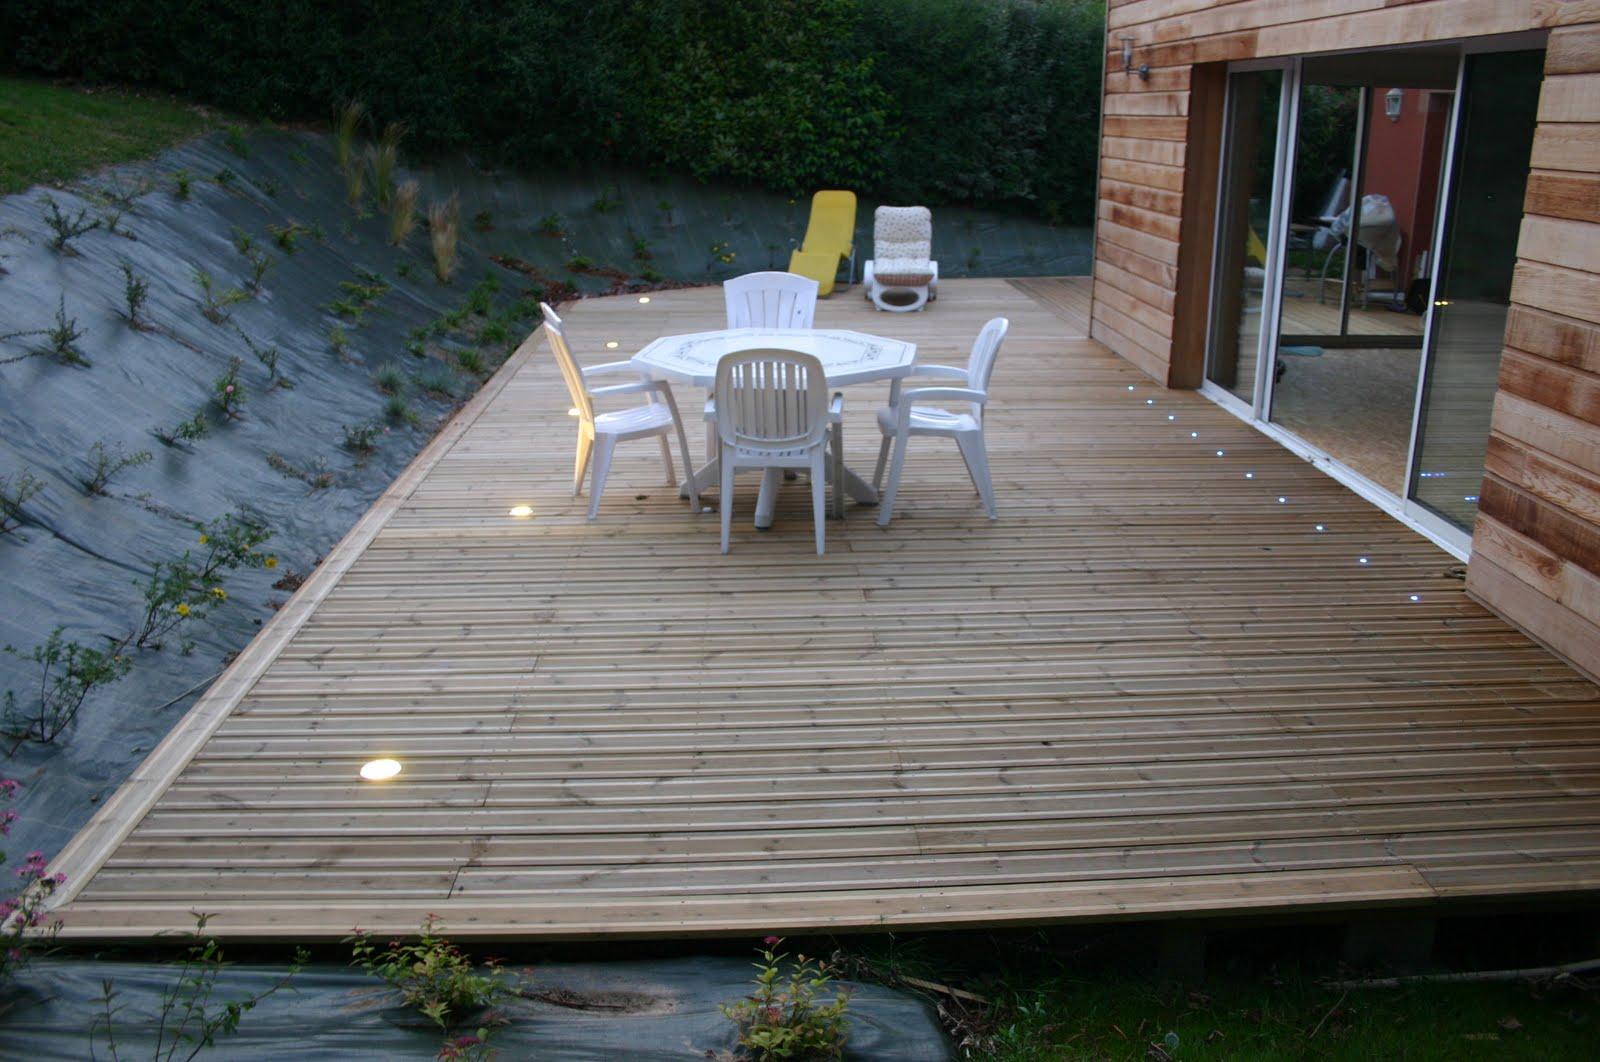 extension du 26 la terrasse de nuit et l olivier. Black Bedroom Furniture Sets. Home Design Ideas